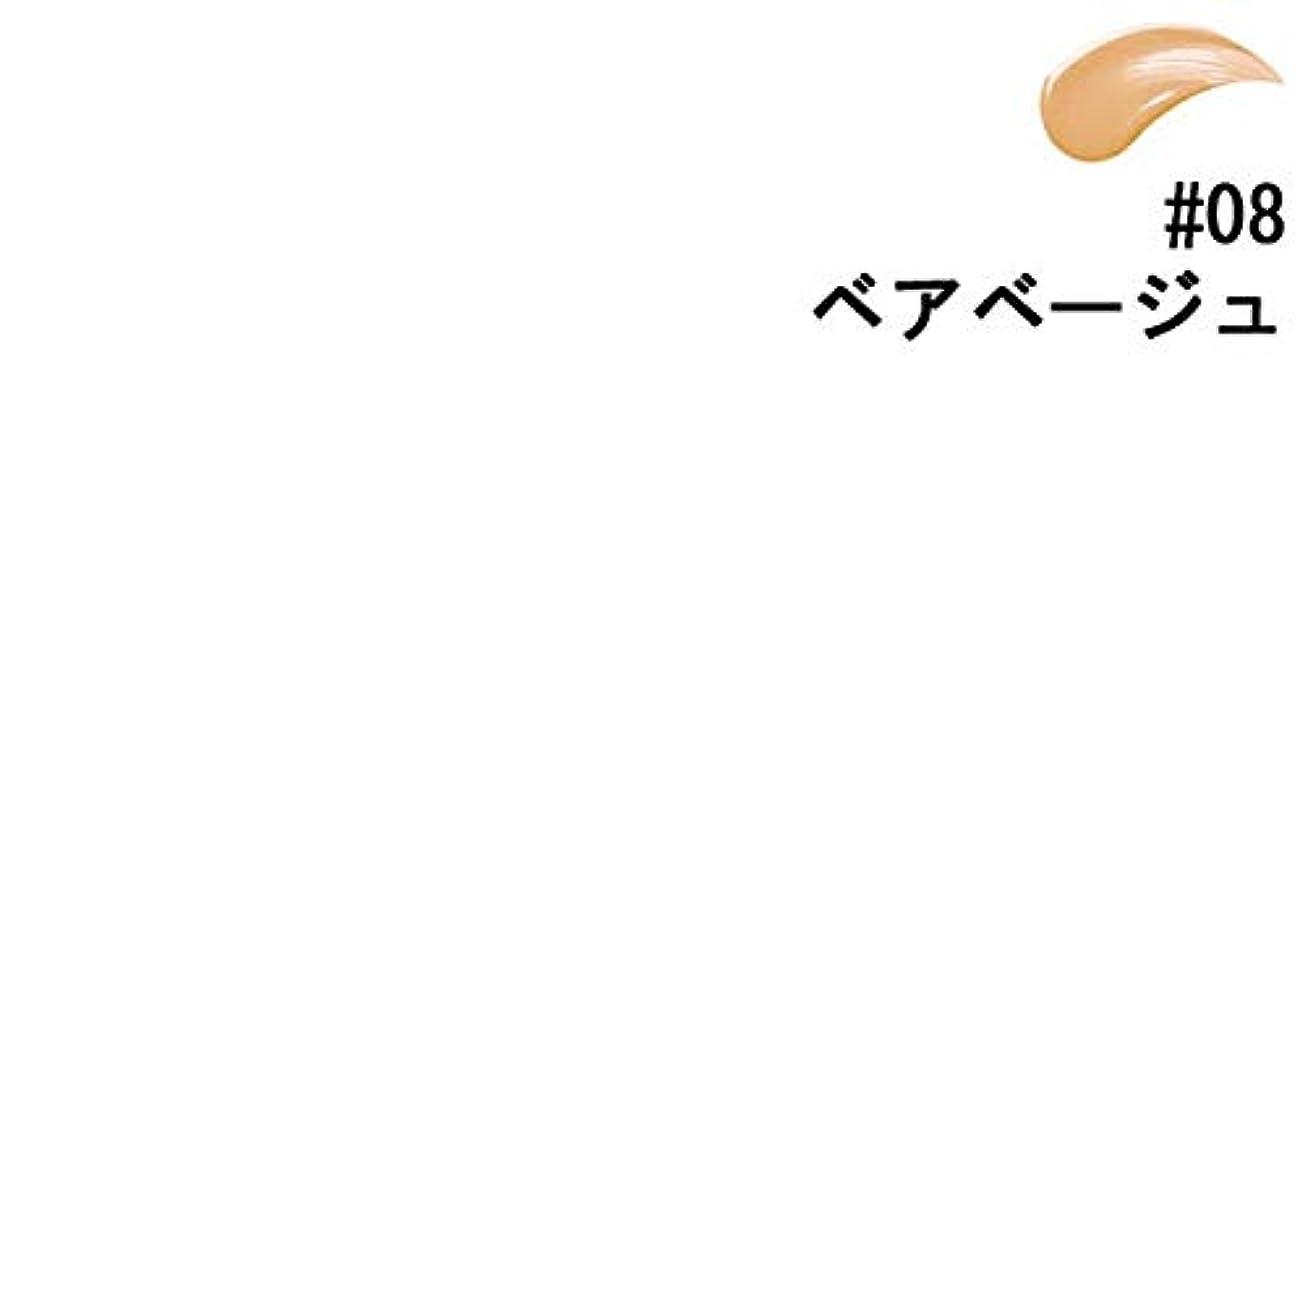 戦争組み立てる楽観【ベアミネラル】ベアミネラル ベア ファンデーション #08 ベアベージュ 30ml [並行輸入品]